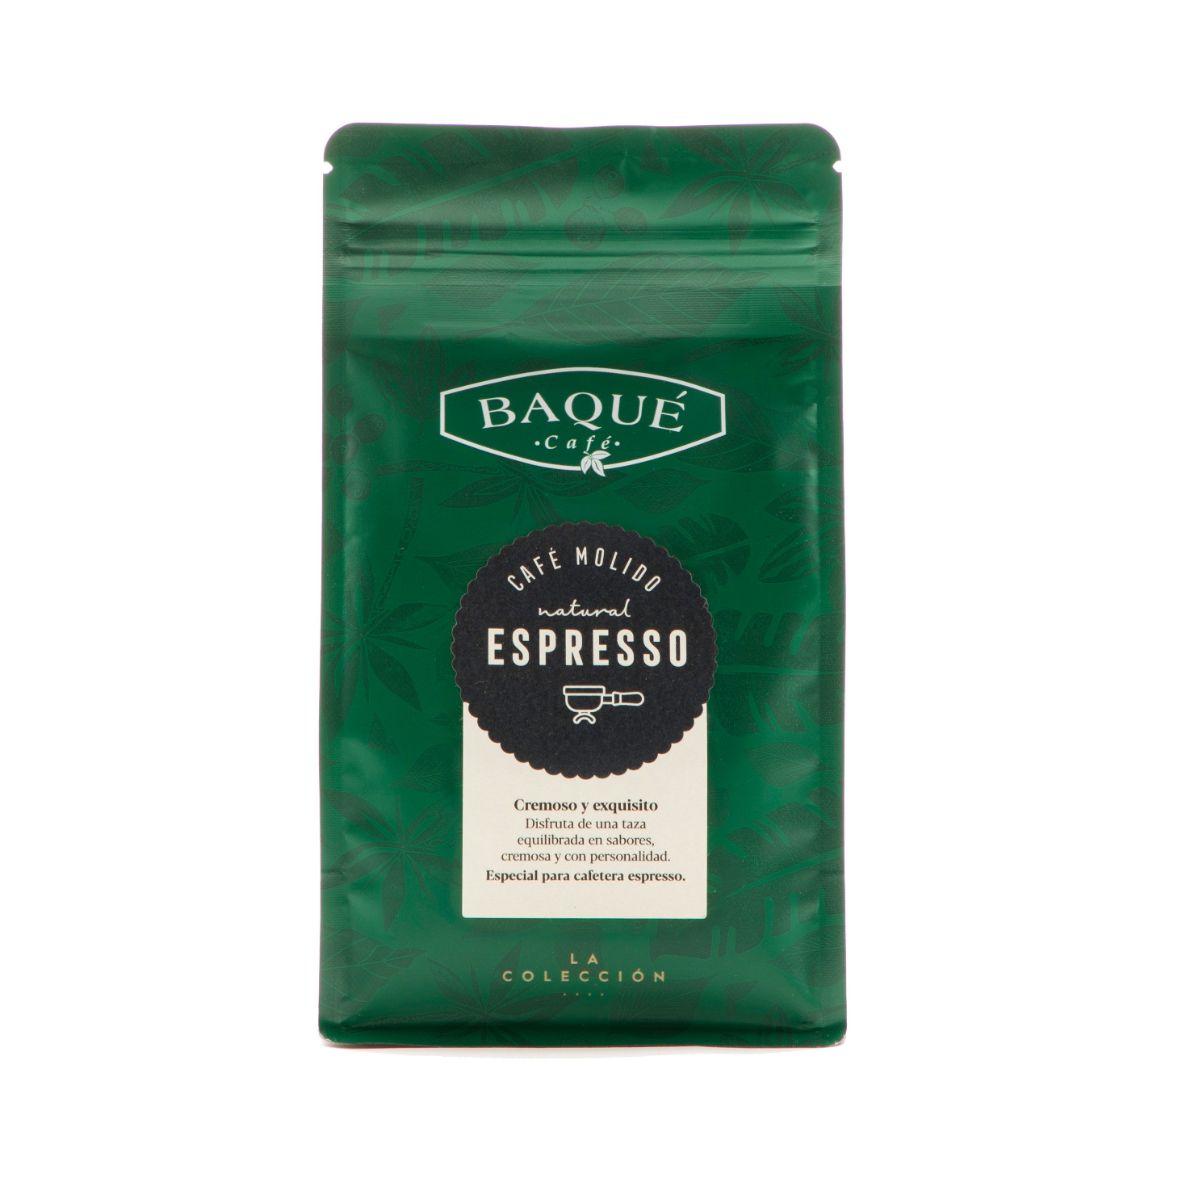 Café molido Espresso Cremoso, 250 g.